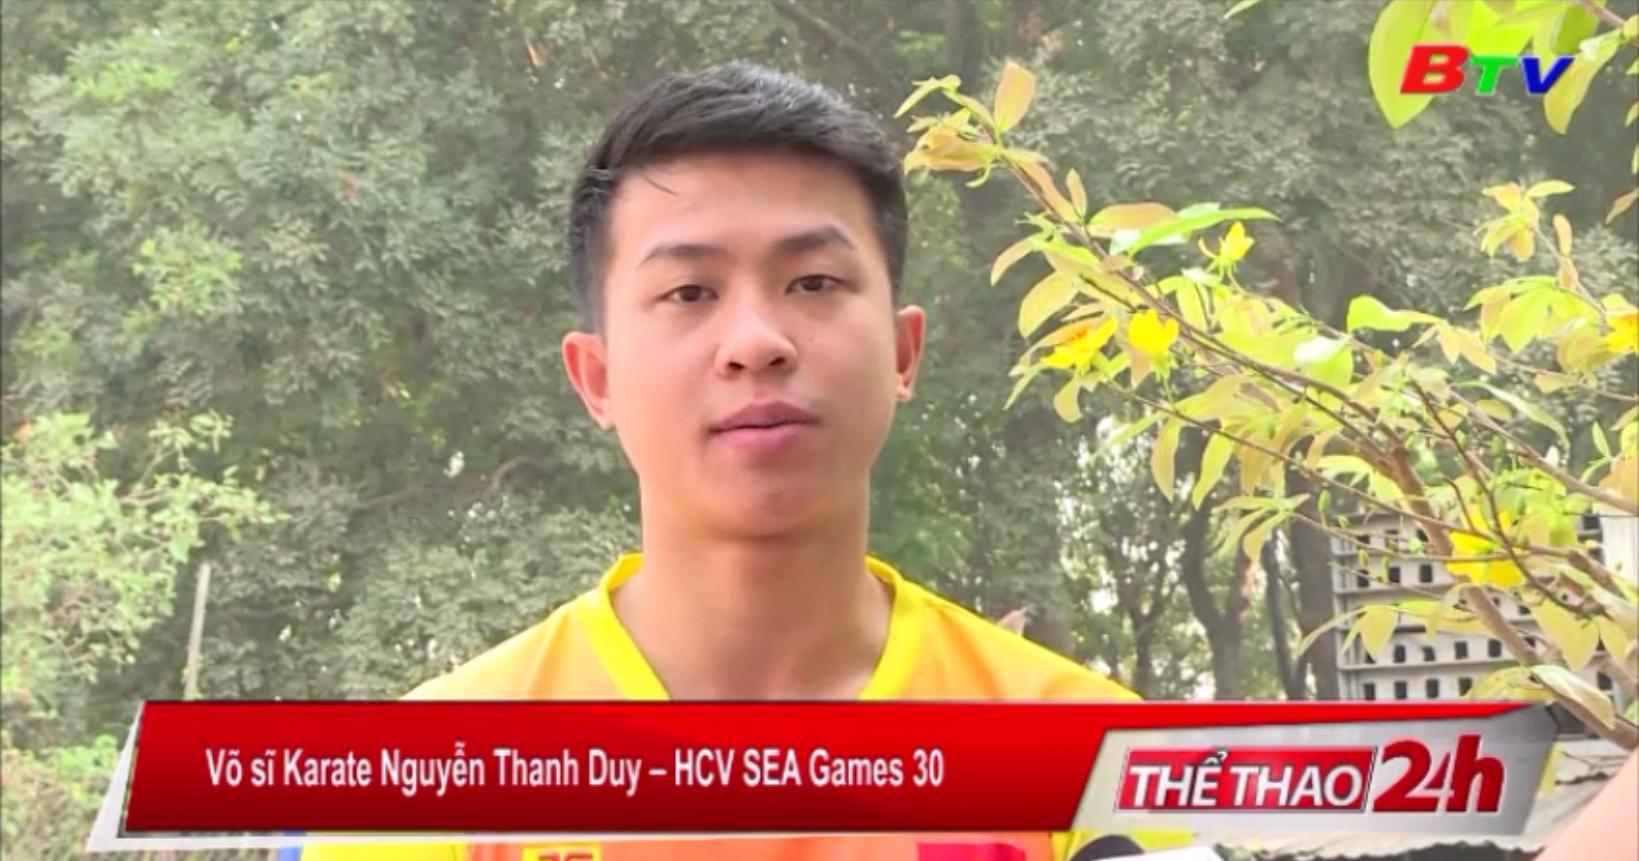 HCV SEA Games Nguyễn Thanh Duy và mục tiêu năm 2020